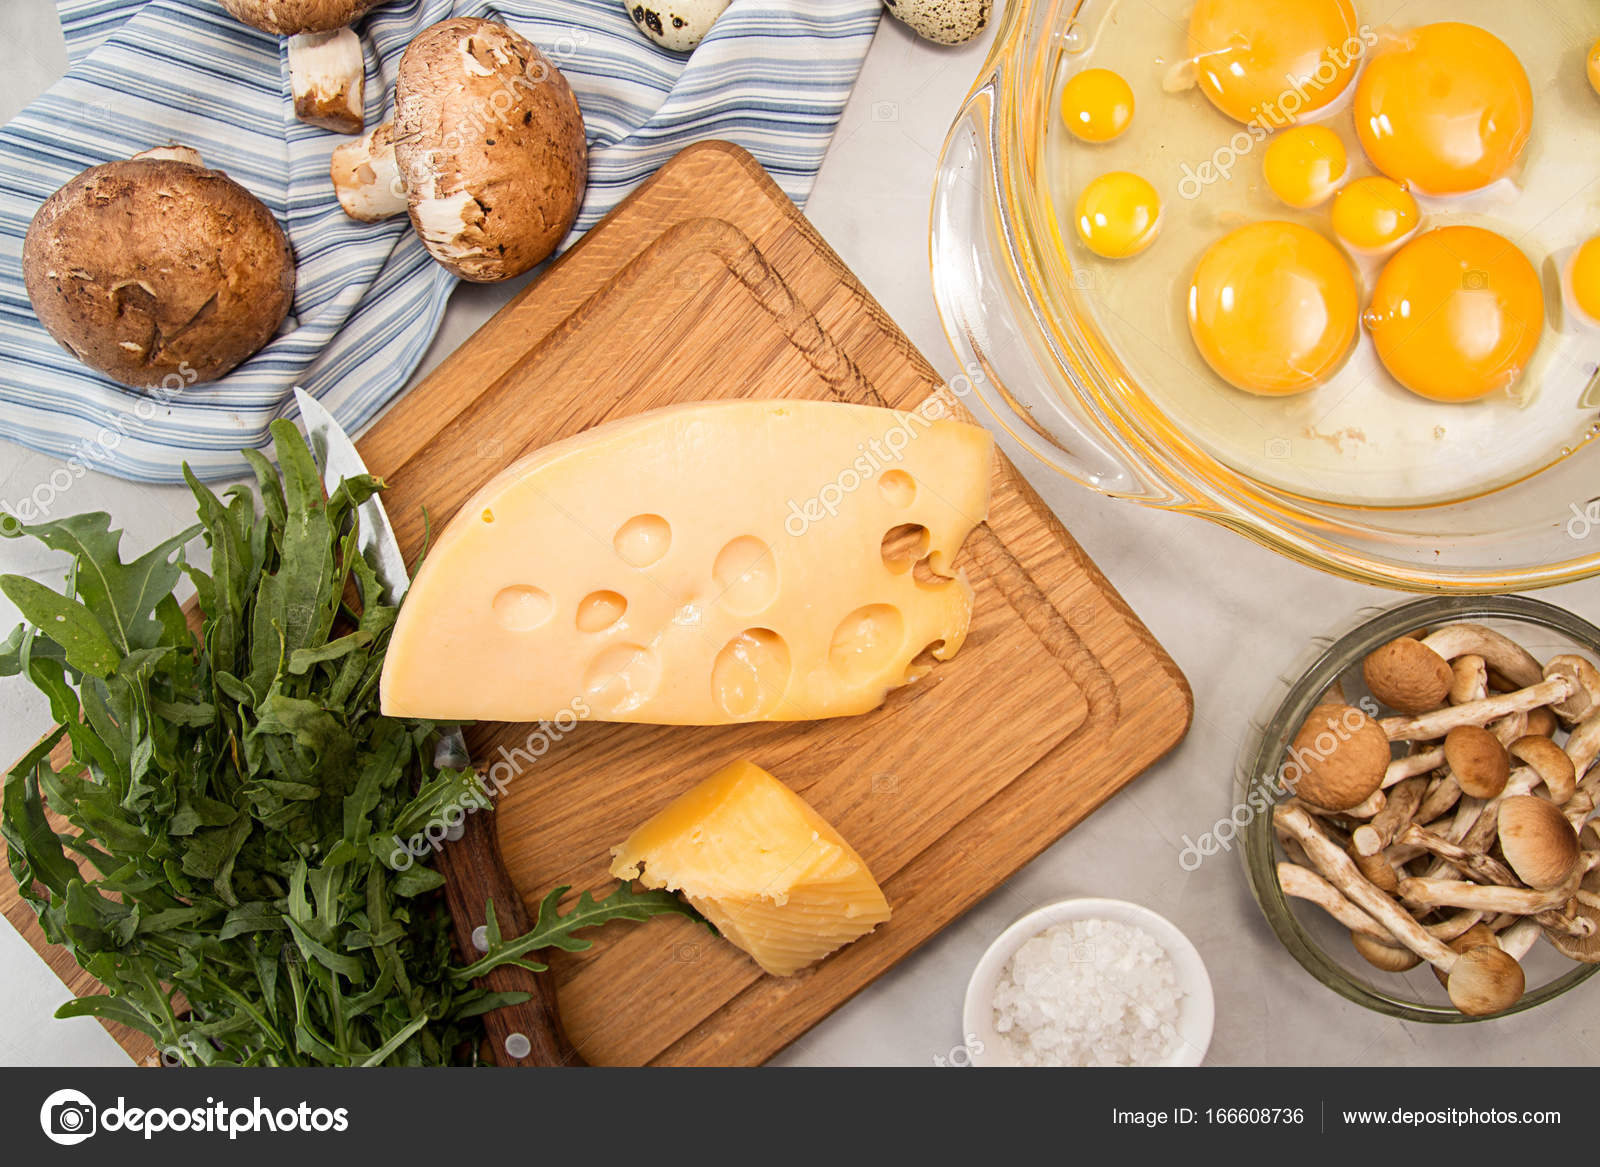 Aufwand Fur Die Zutaten Frittata Quiche Vegetarisch Diat Essen Zb